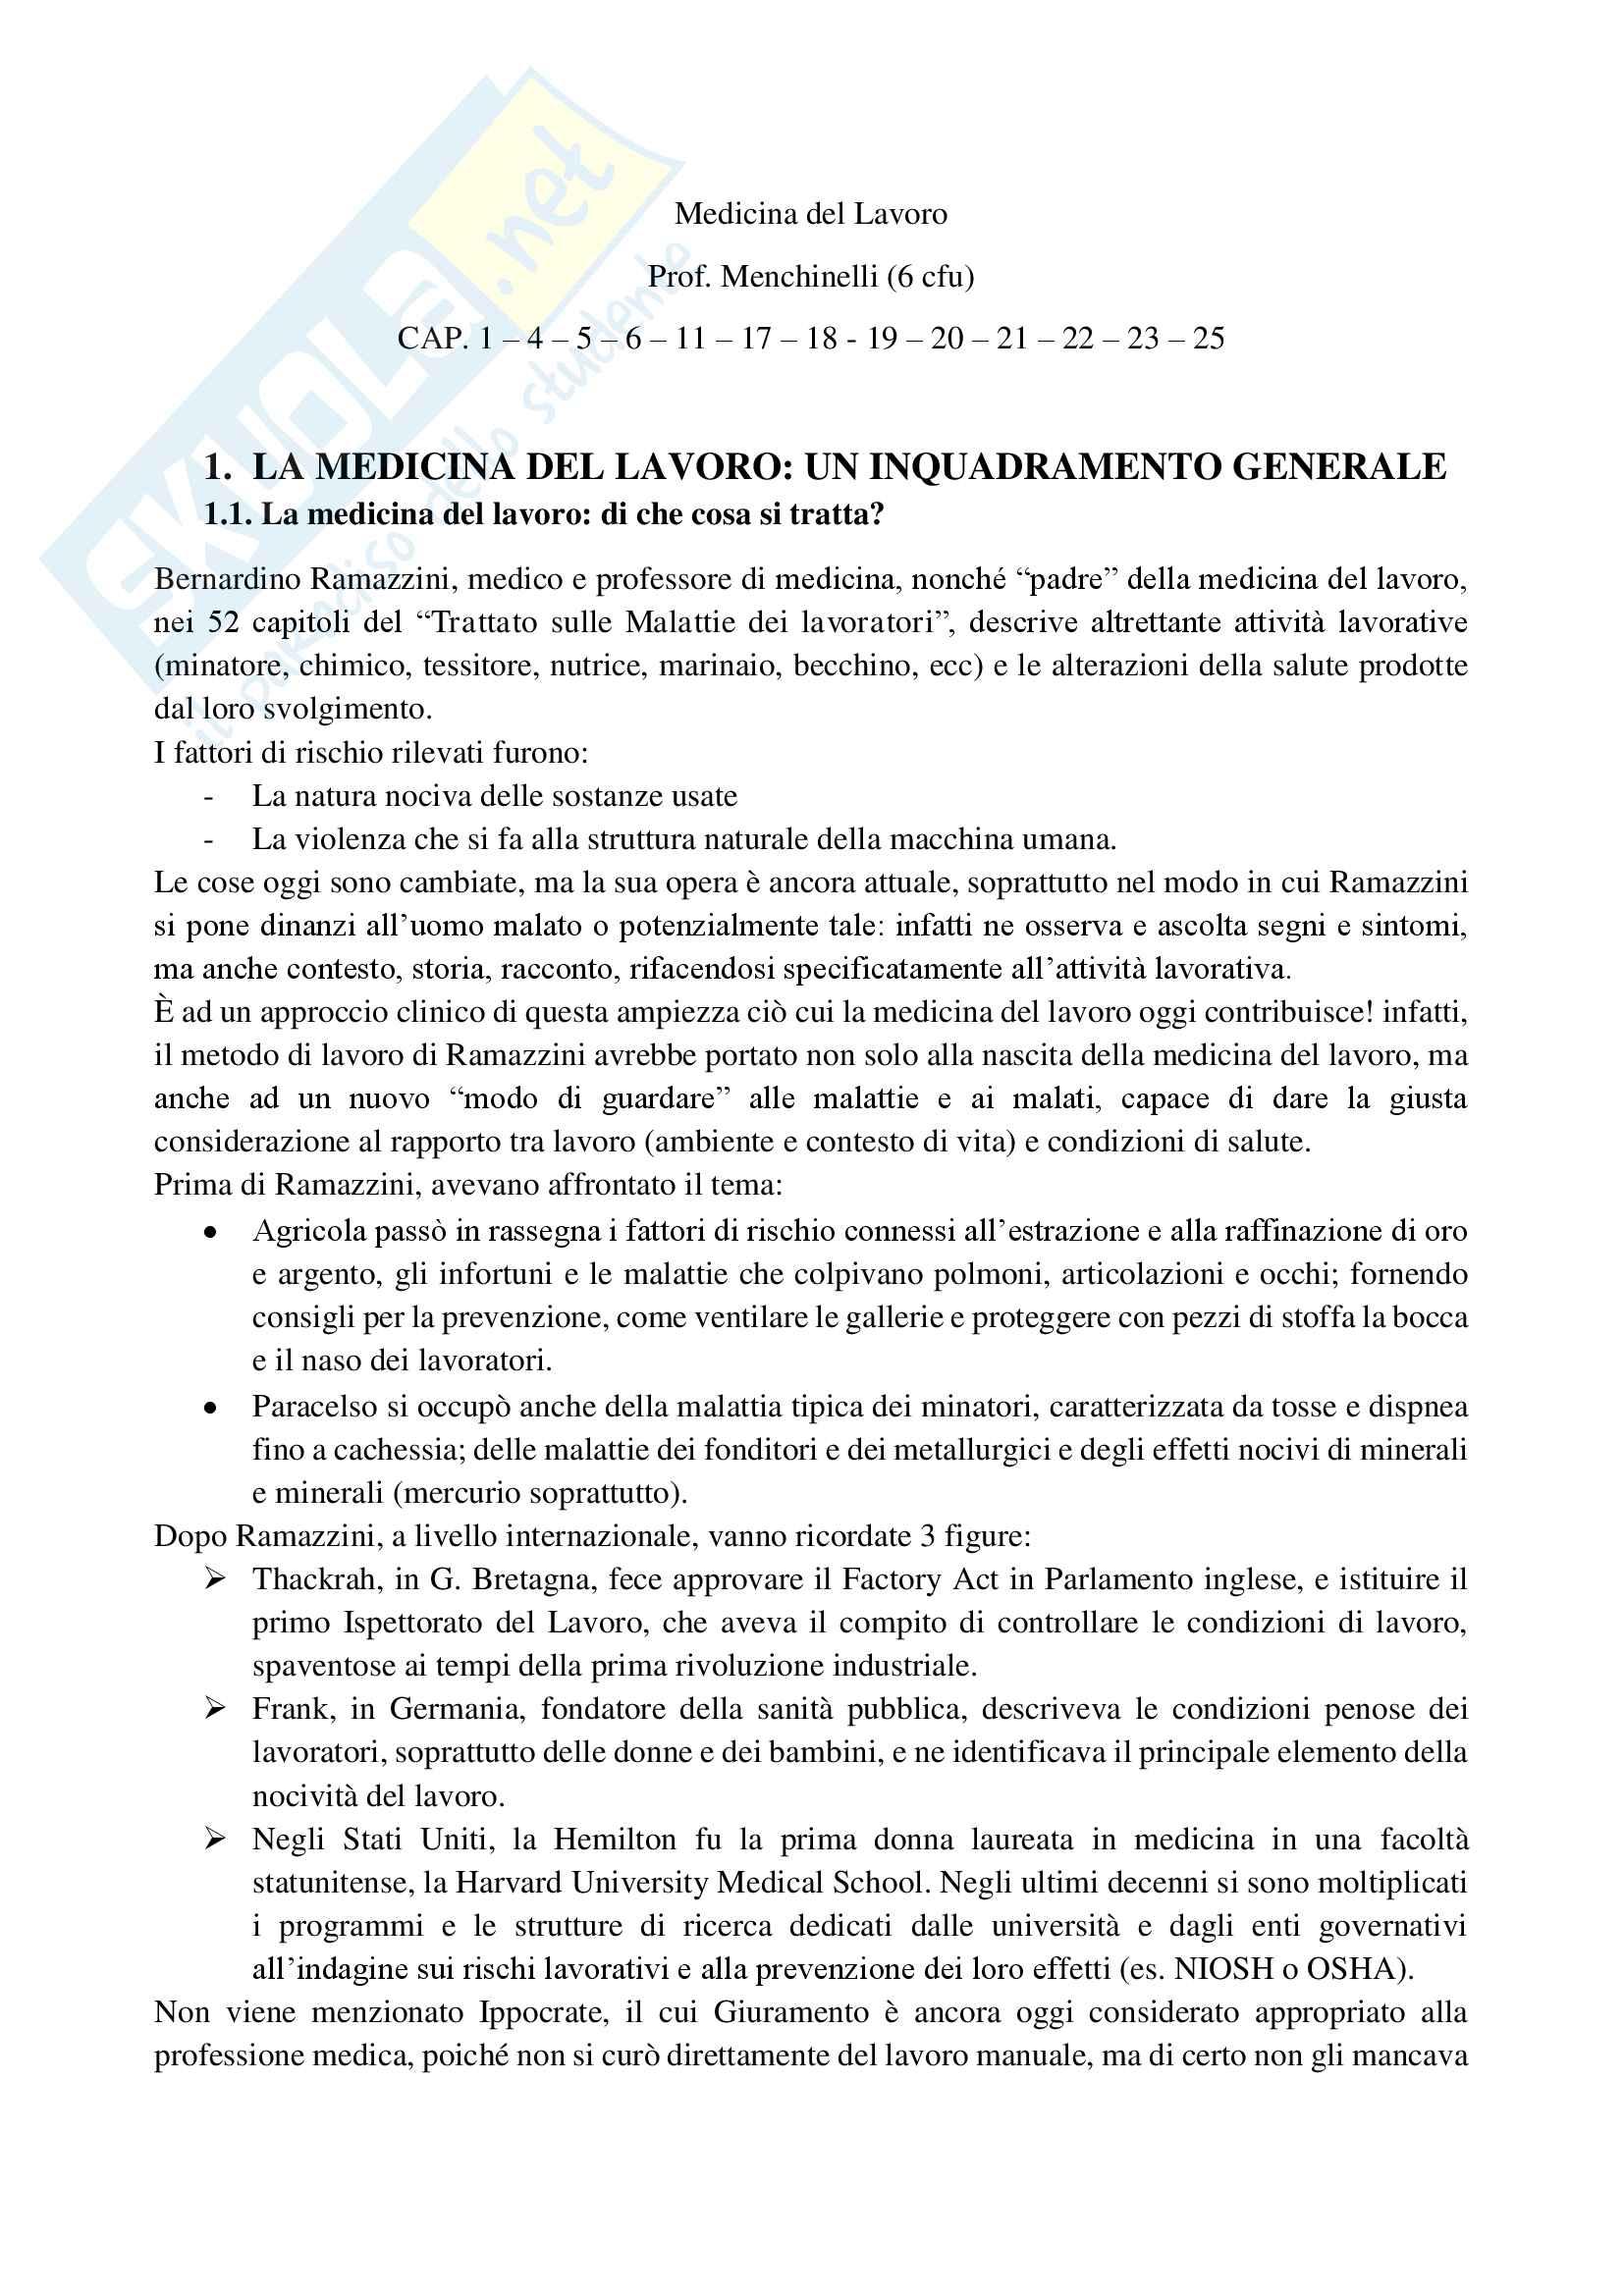 Riassunto esame di Medicina del Lavoro, prof. Menchinelli, libro consigliato Medicina del Lavoro, Bertazzi; capp. da studiare 1-4-5-6-11-17-18-19-20-21-22-23-25